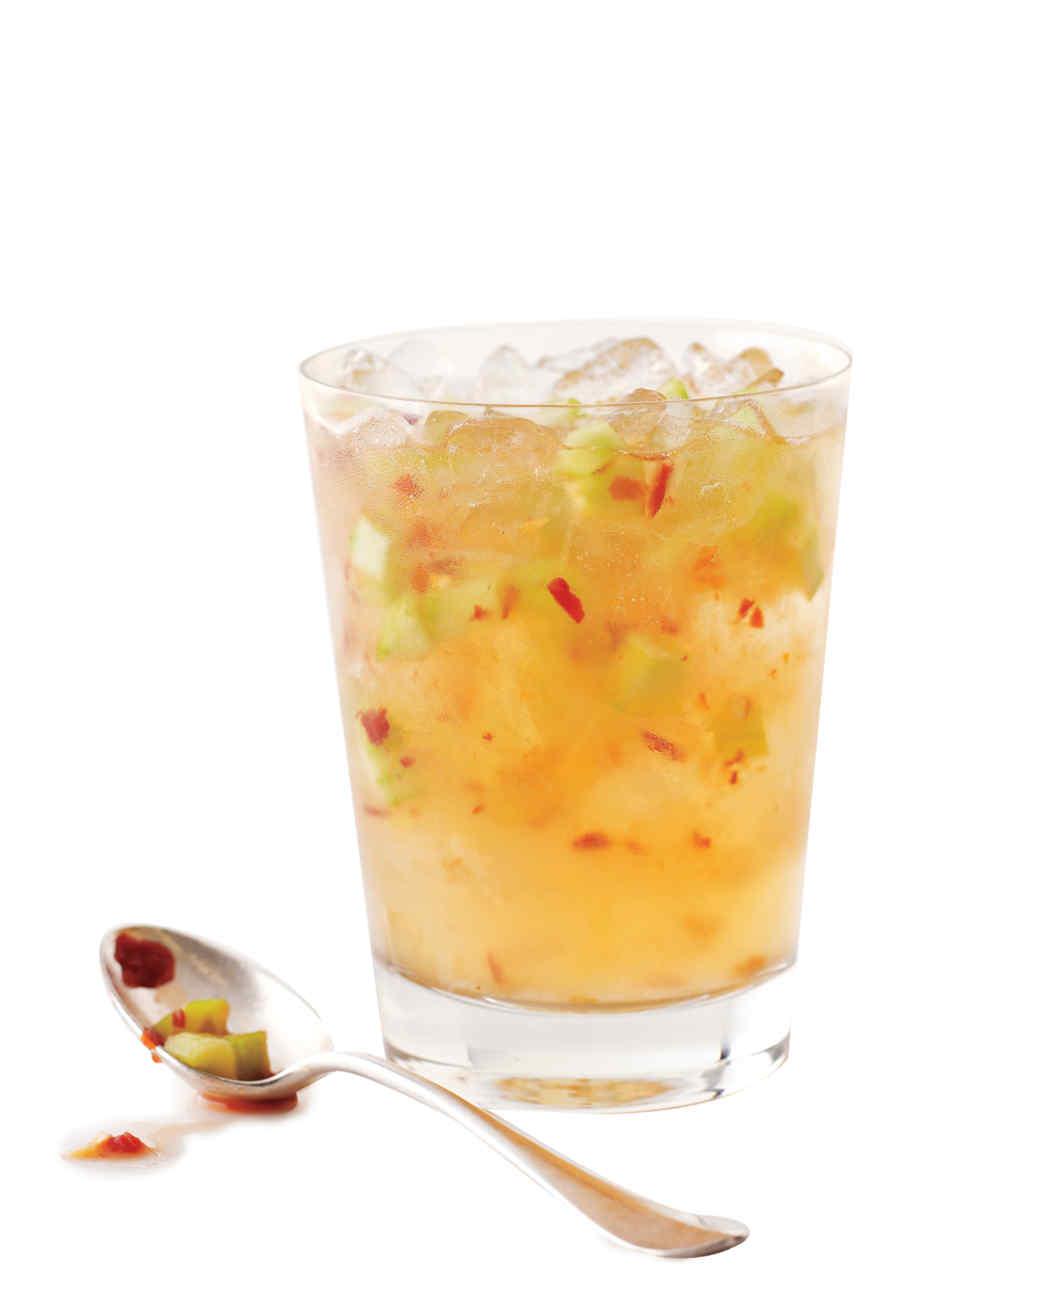 Chili-and-Cucumber Margarita